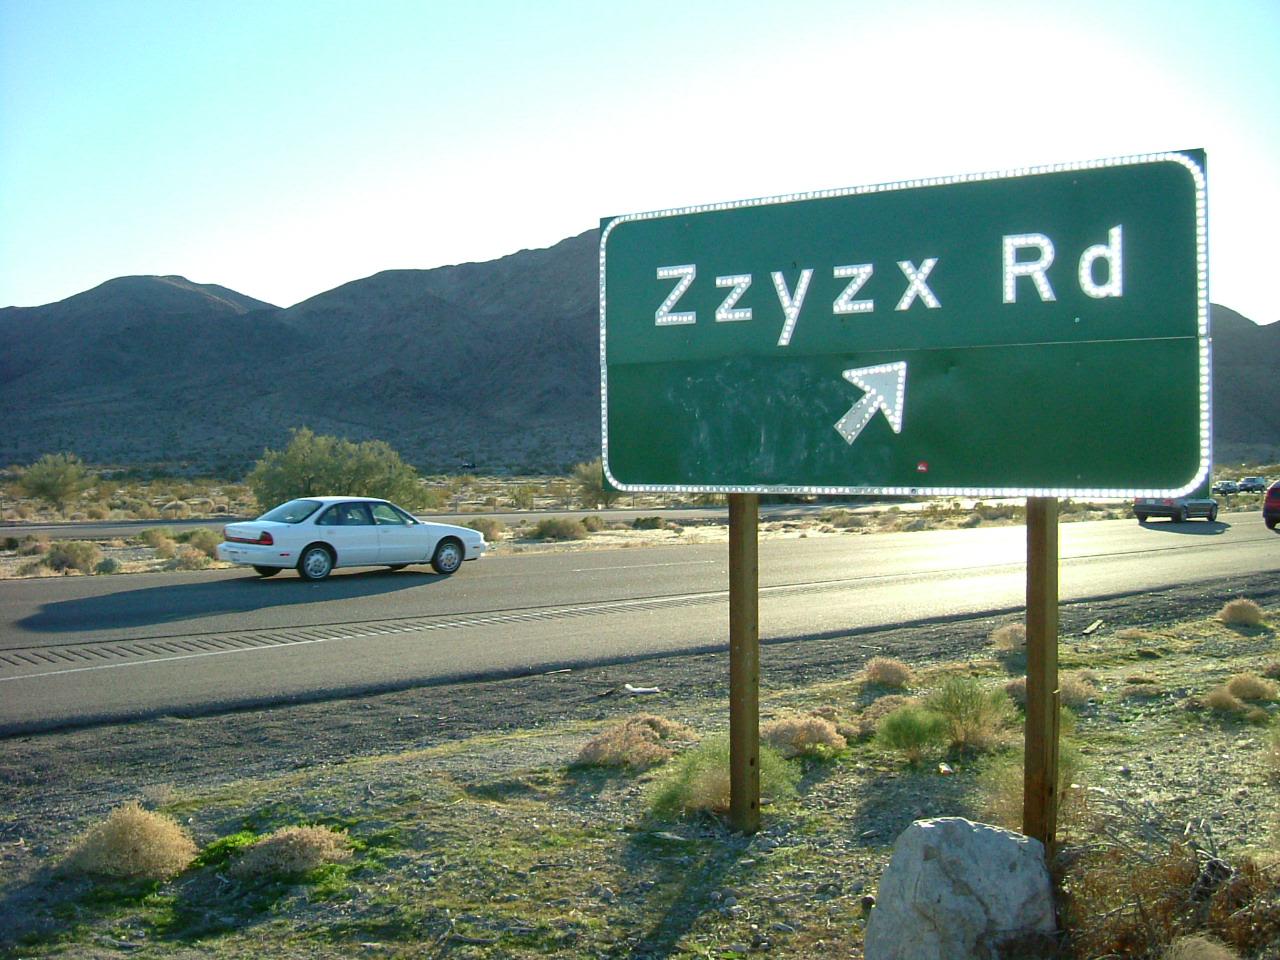 Zzyzx_road